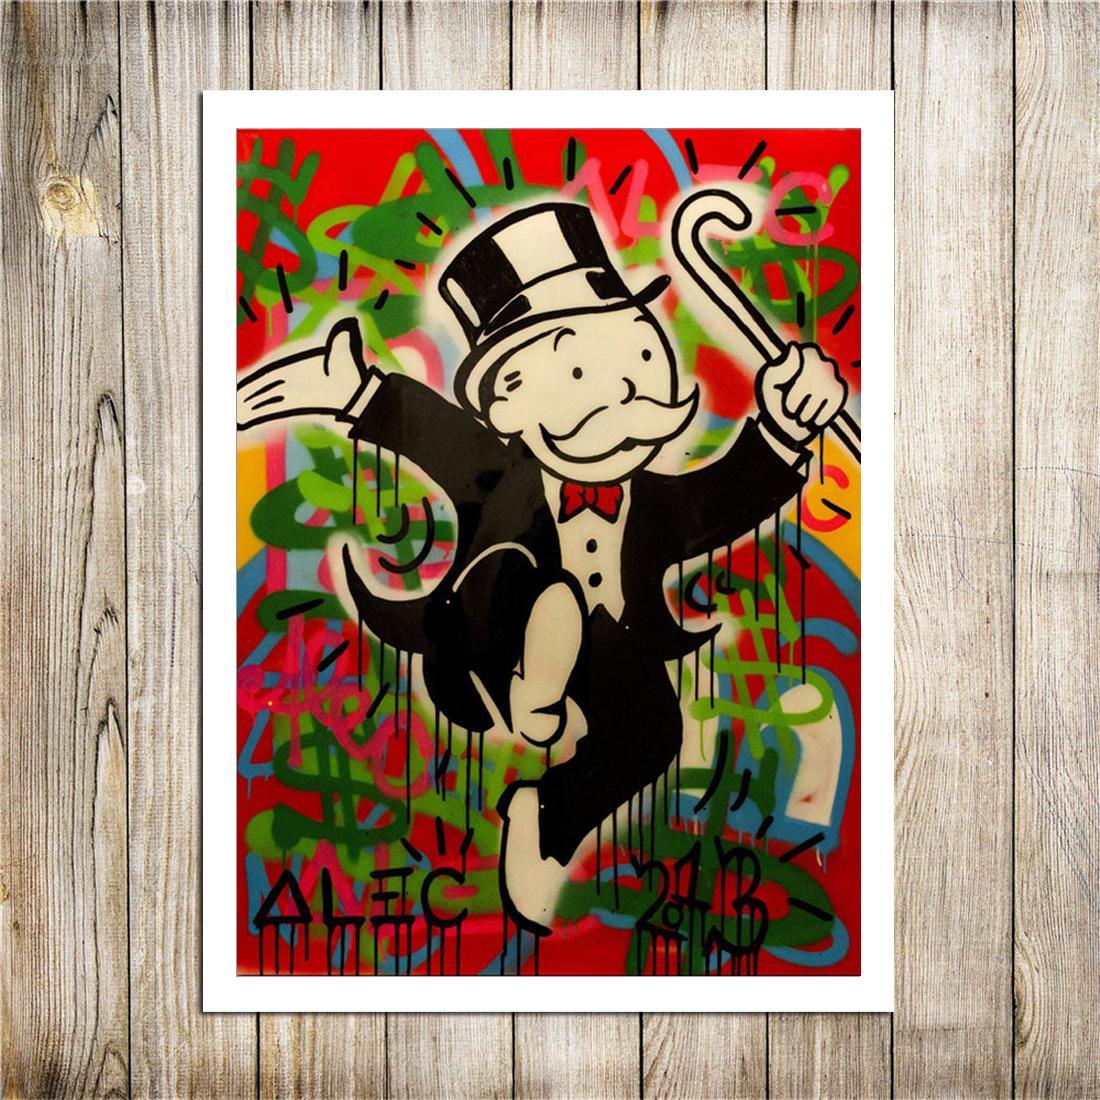 Gentleman Alec Monopoly, toile Pièces Accueil Décor Imprimé Art Moderne HD Peinture sur toile (Unframed / encadré)